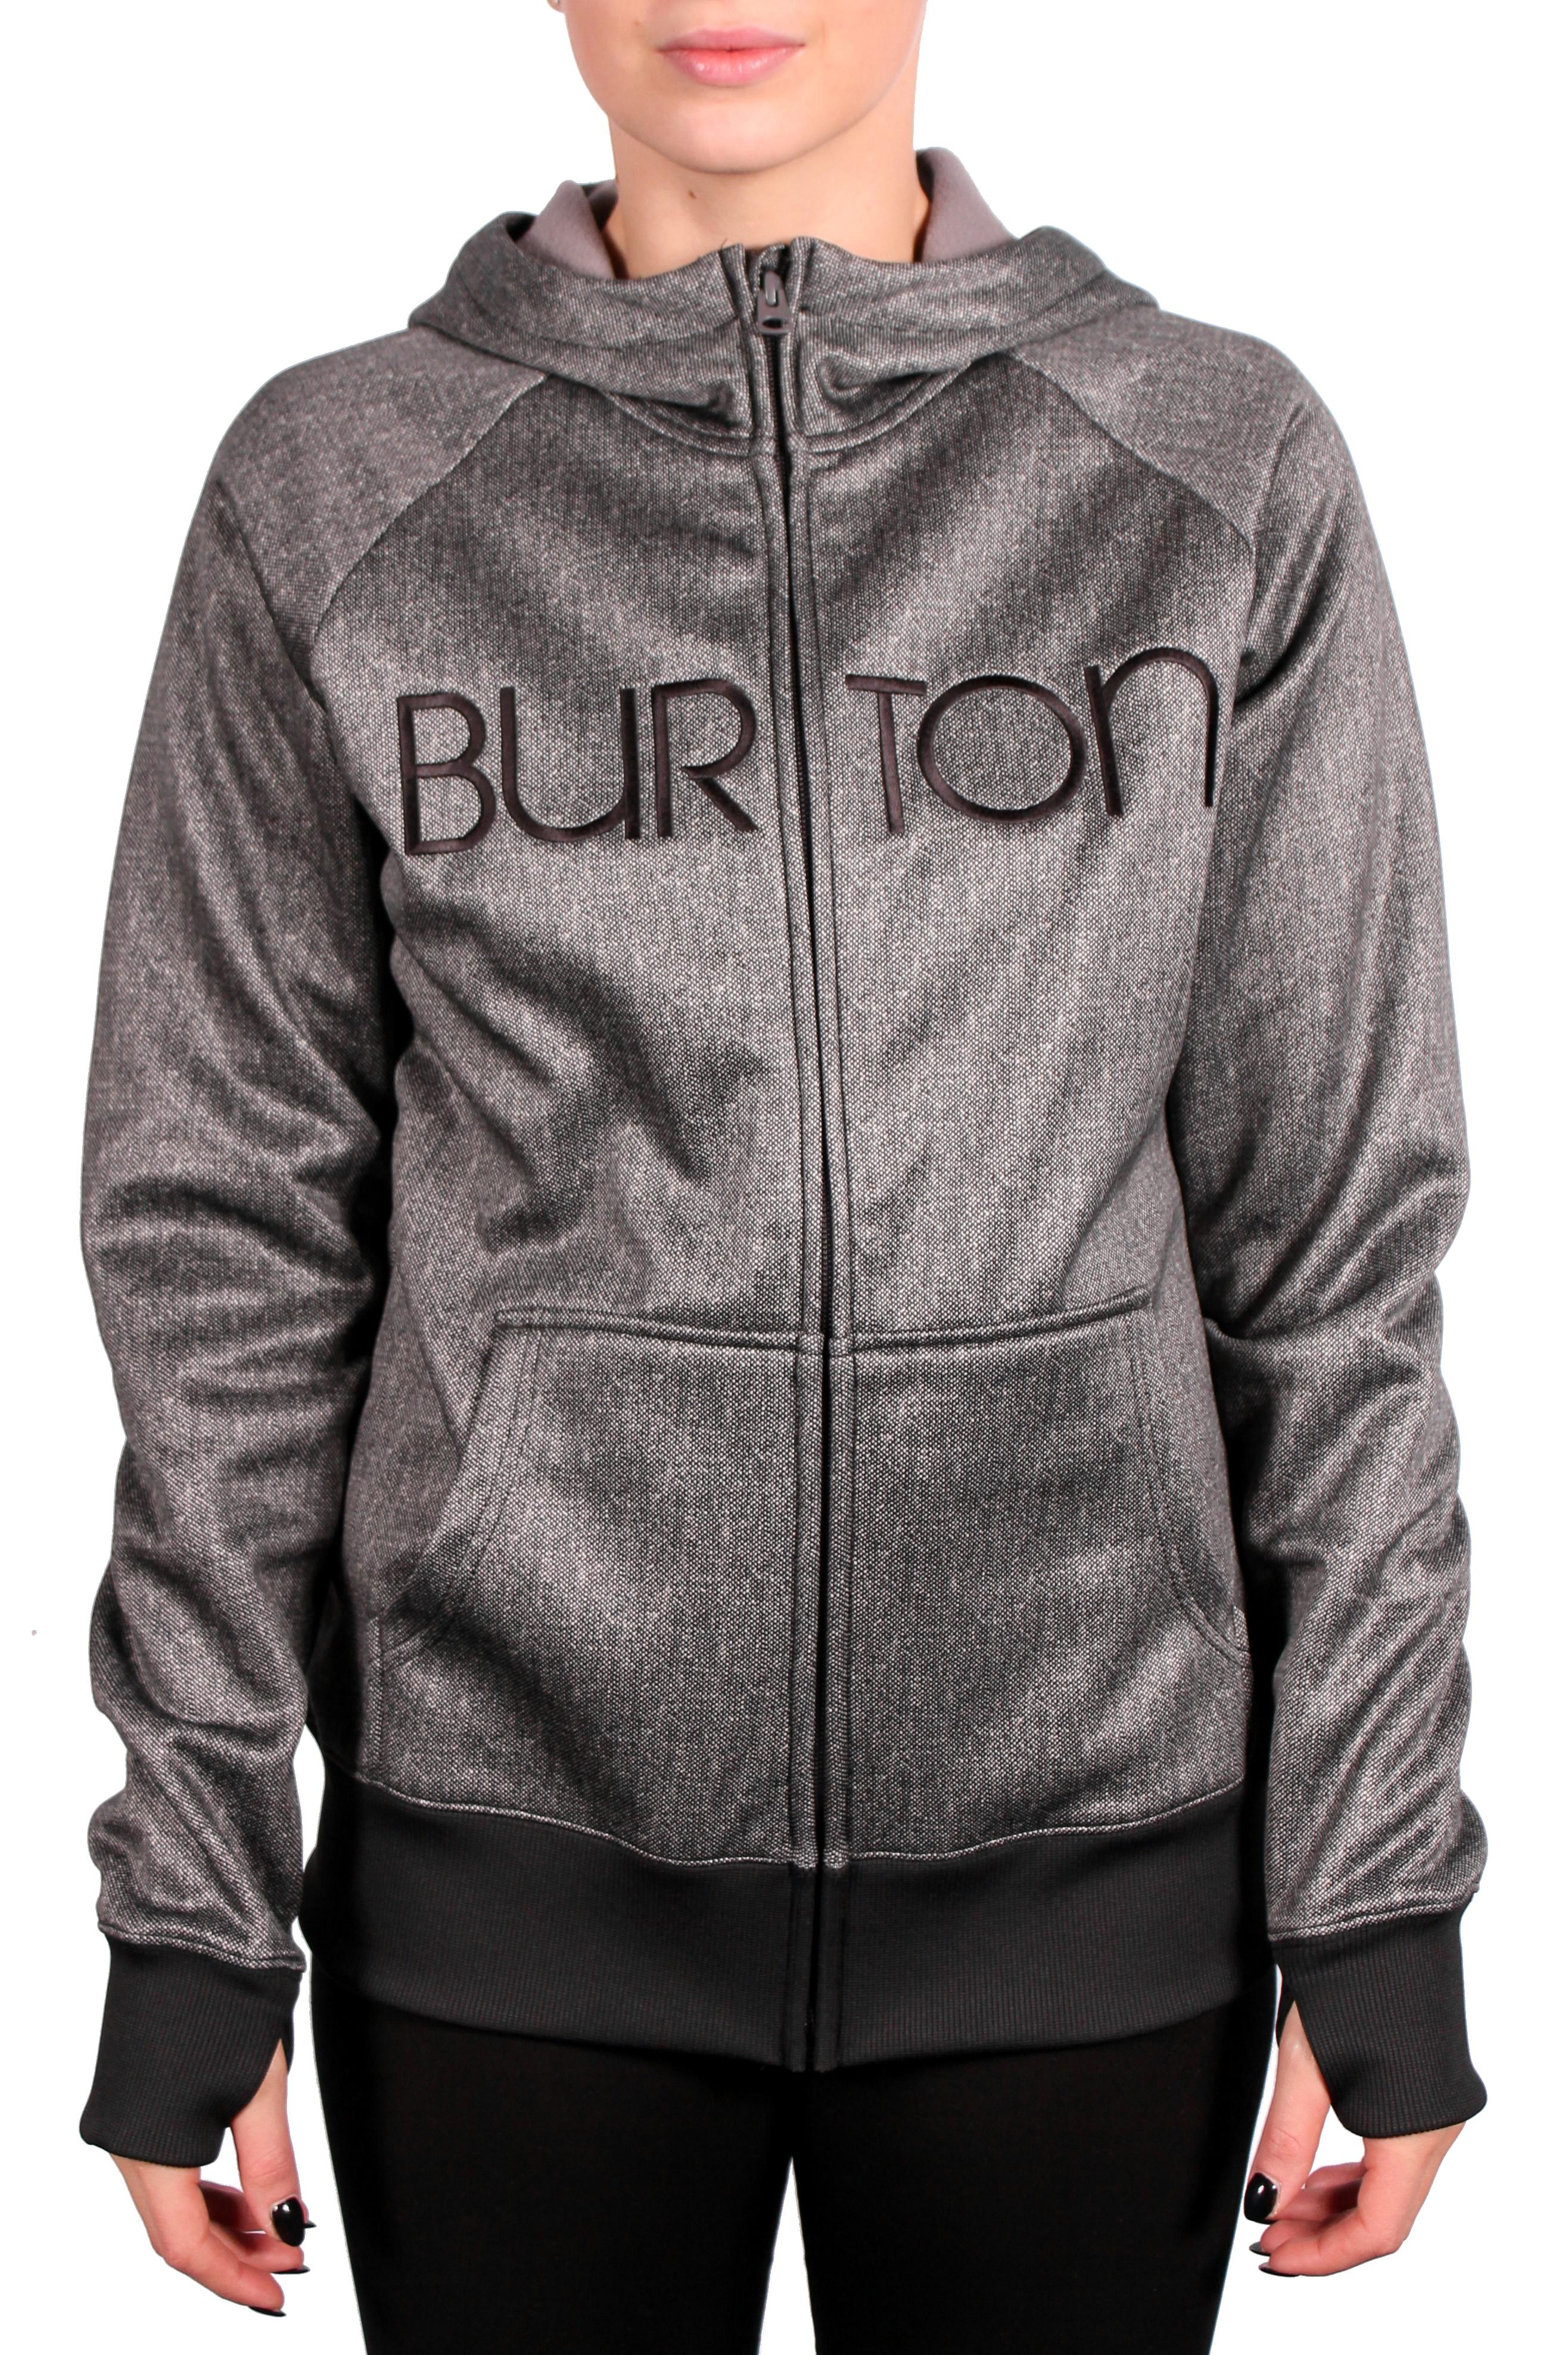 Bluza Burton Scoop Hdd (Tweed)